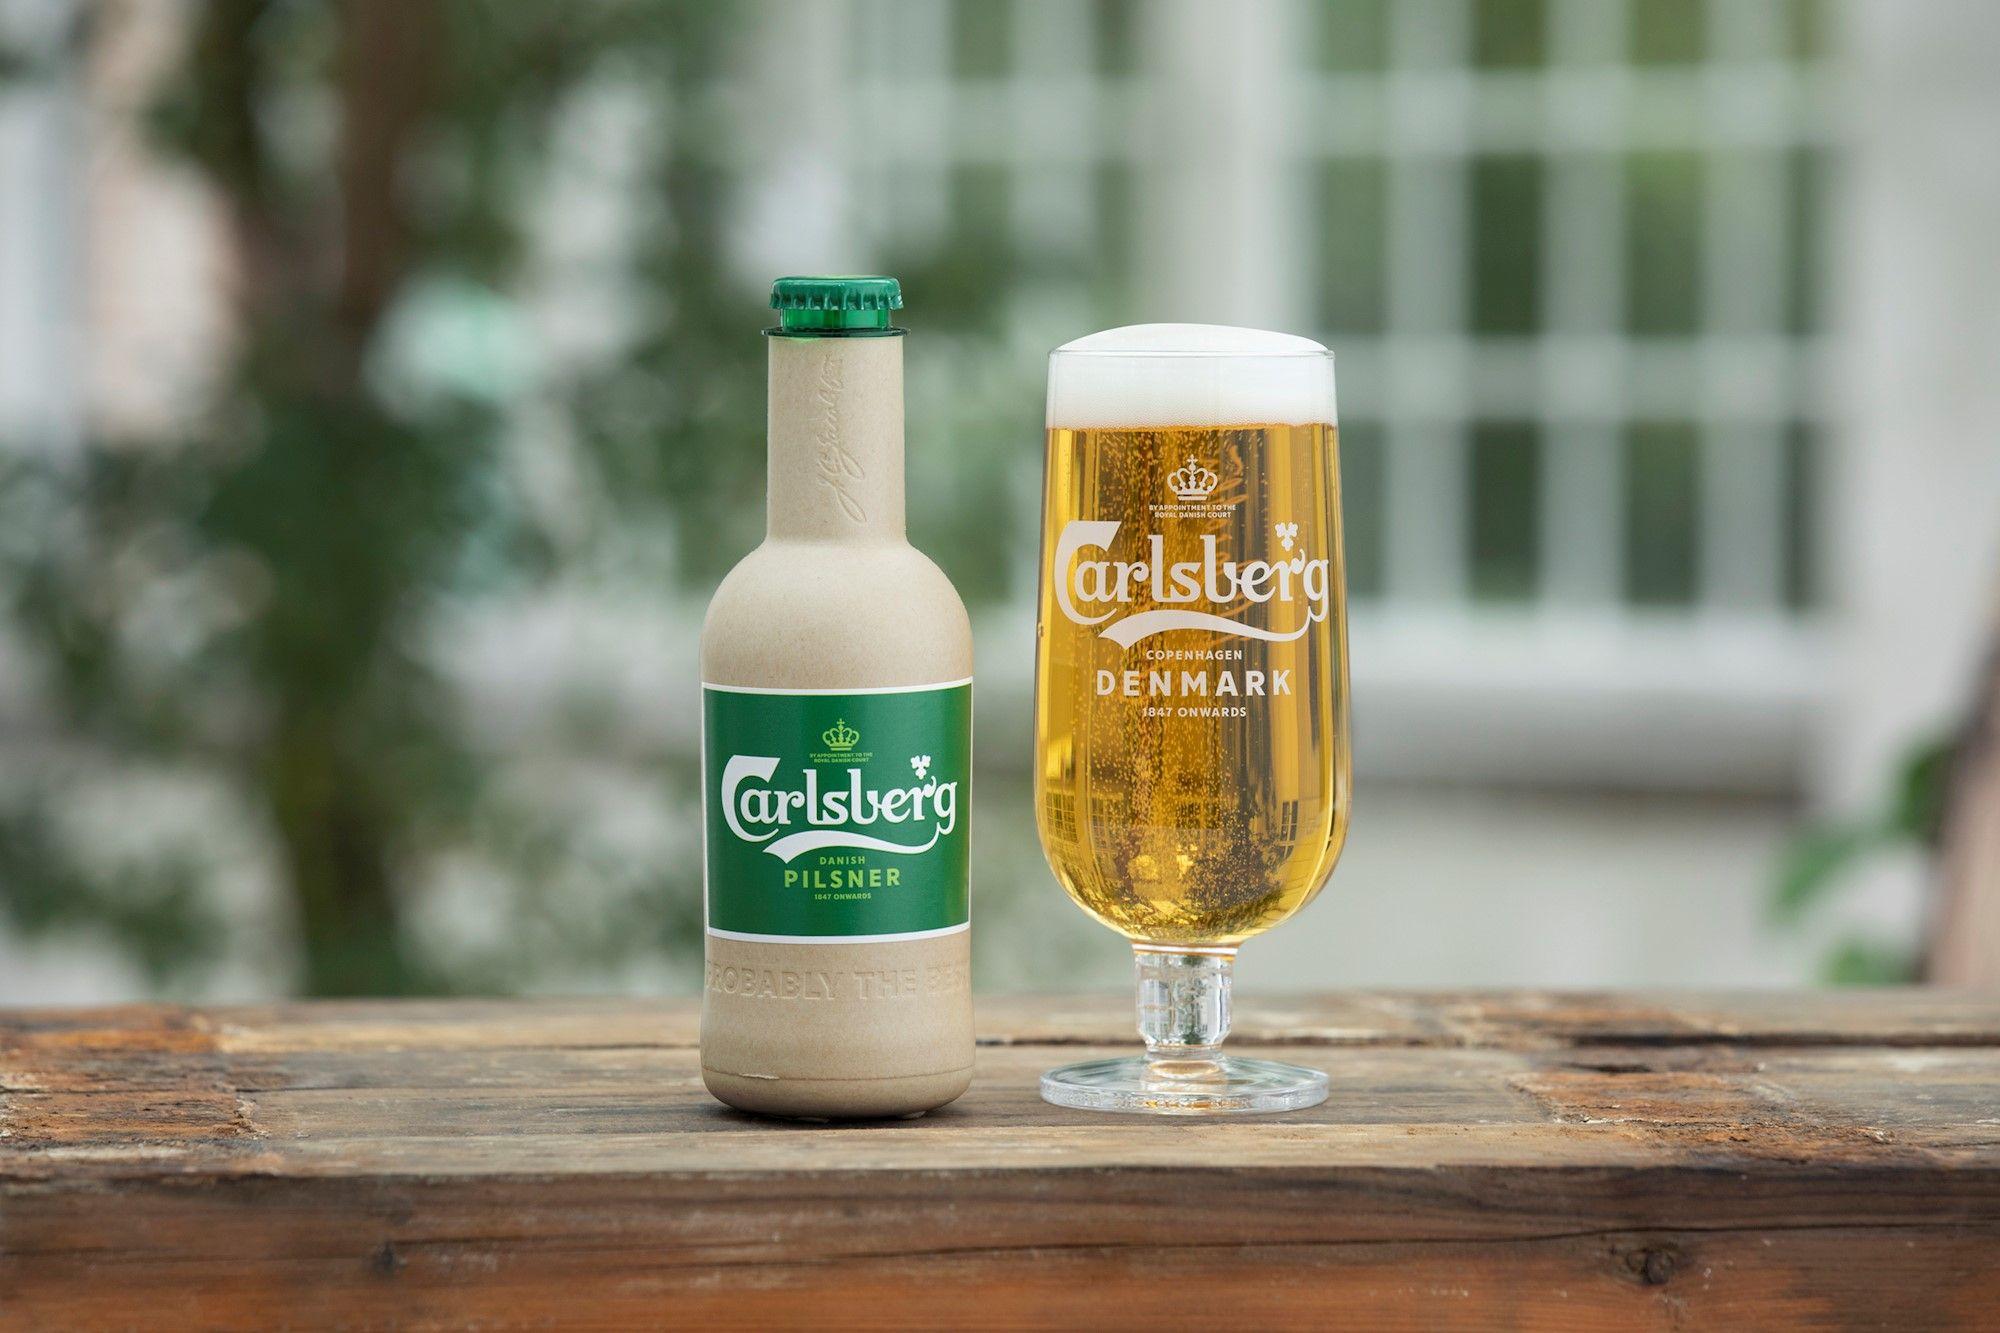 啤酒可以用紙裝!?嘉士伯成功研發紙製啤酒瓶,向玻璃瓶說掰掰!